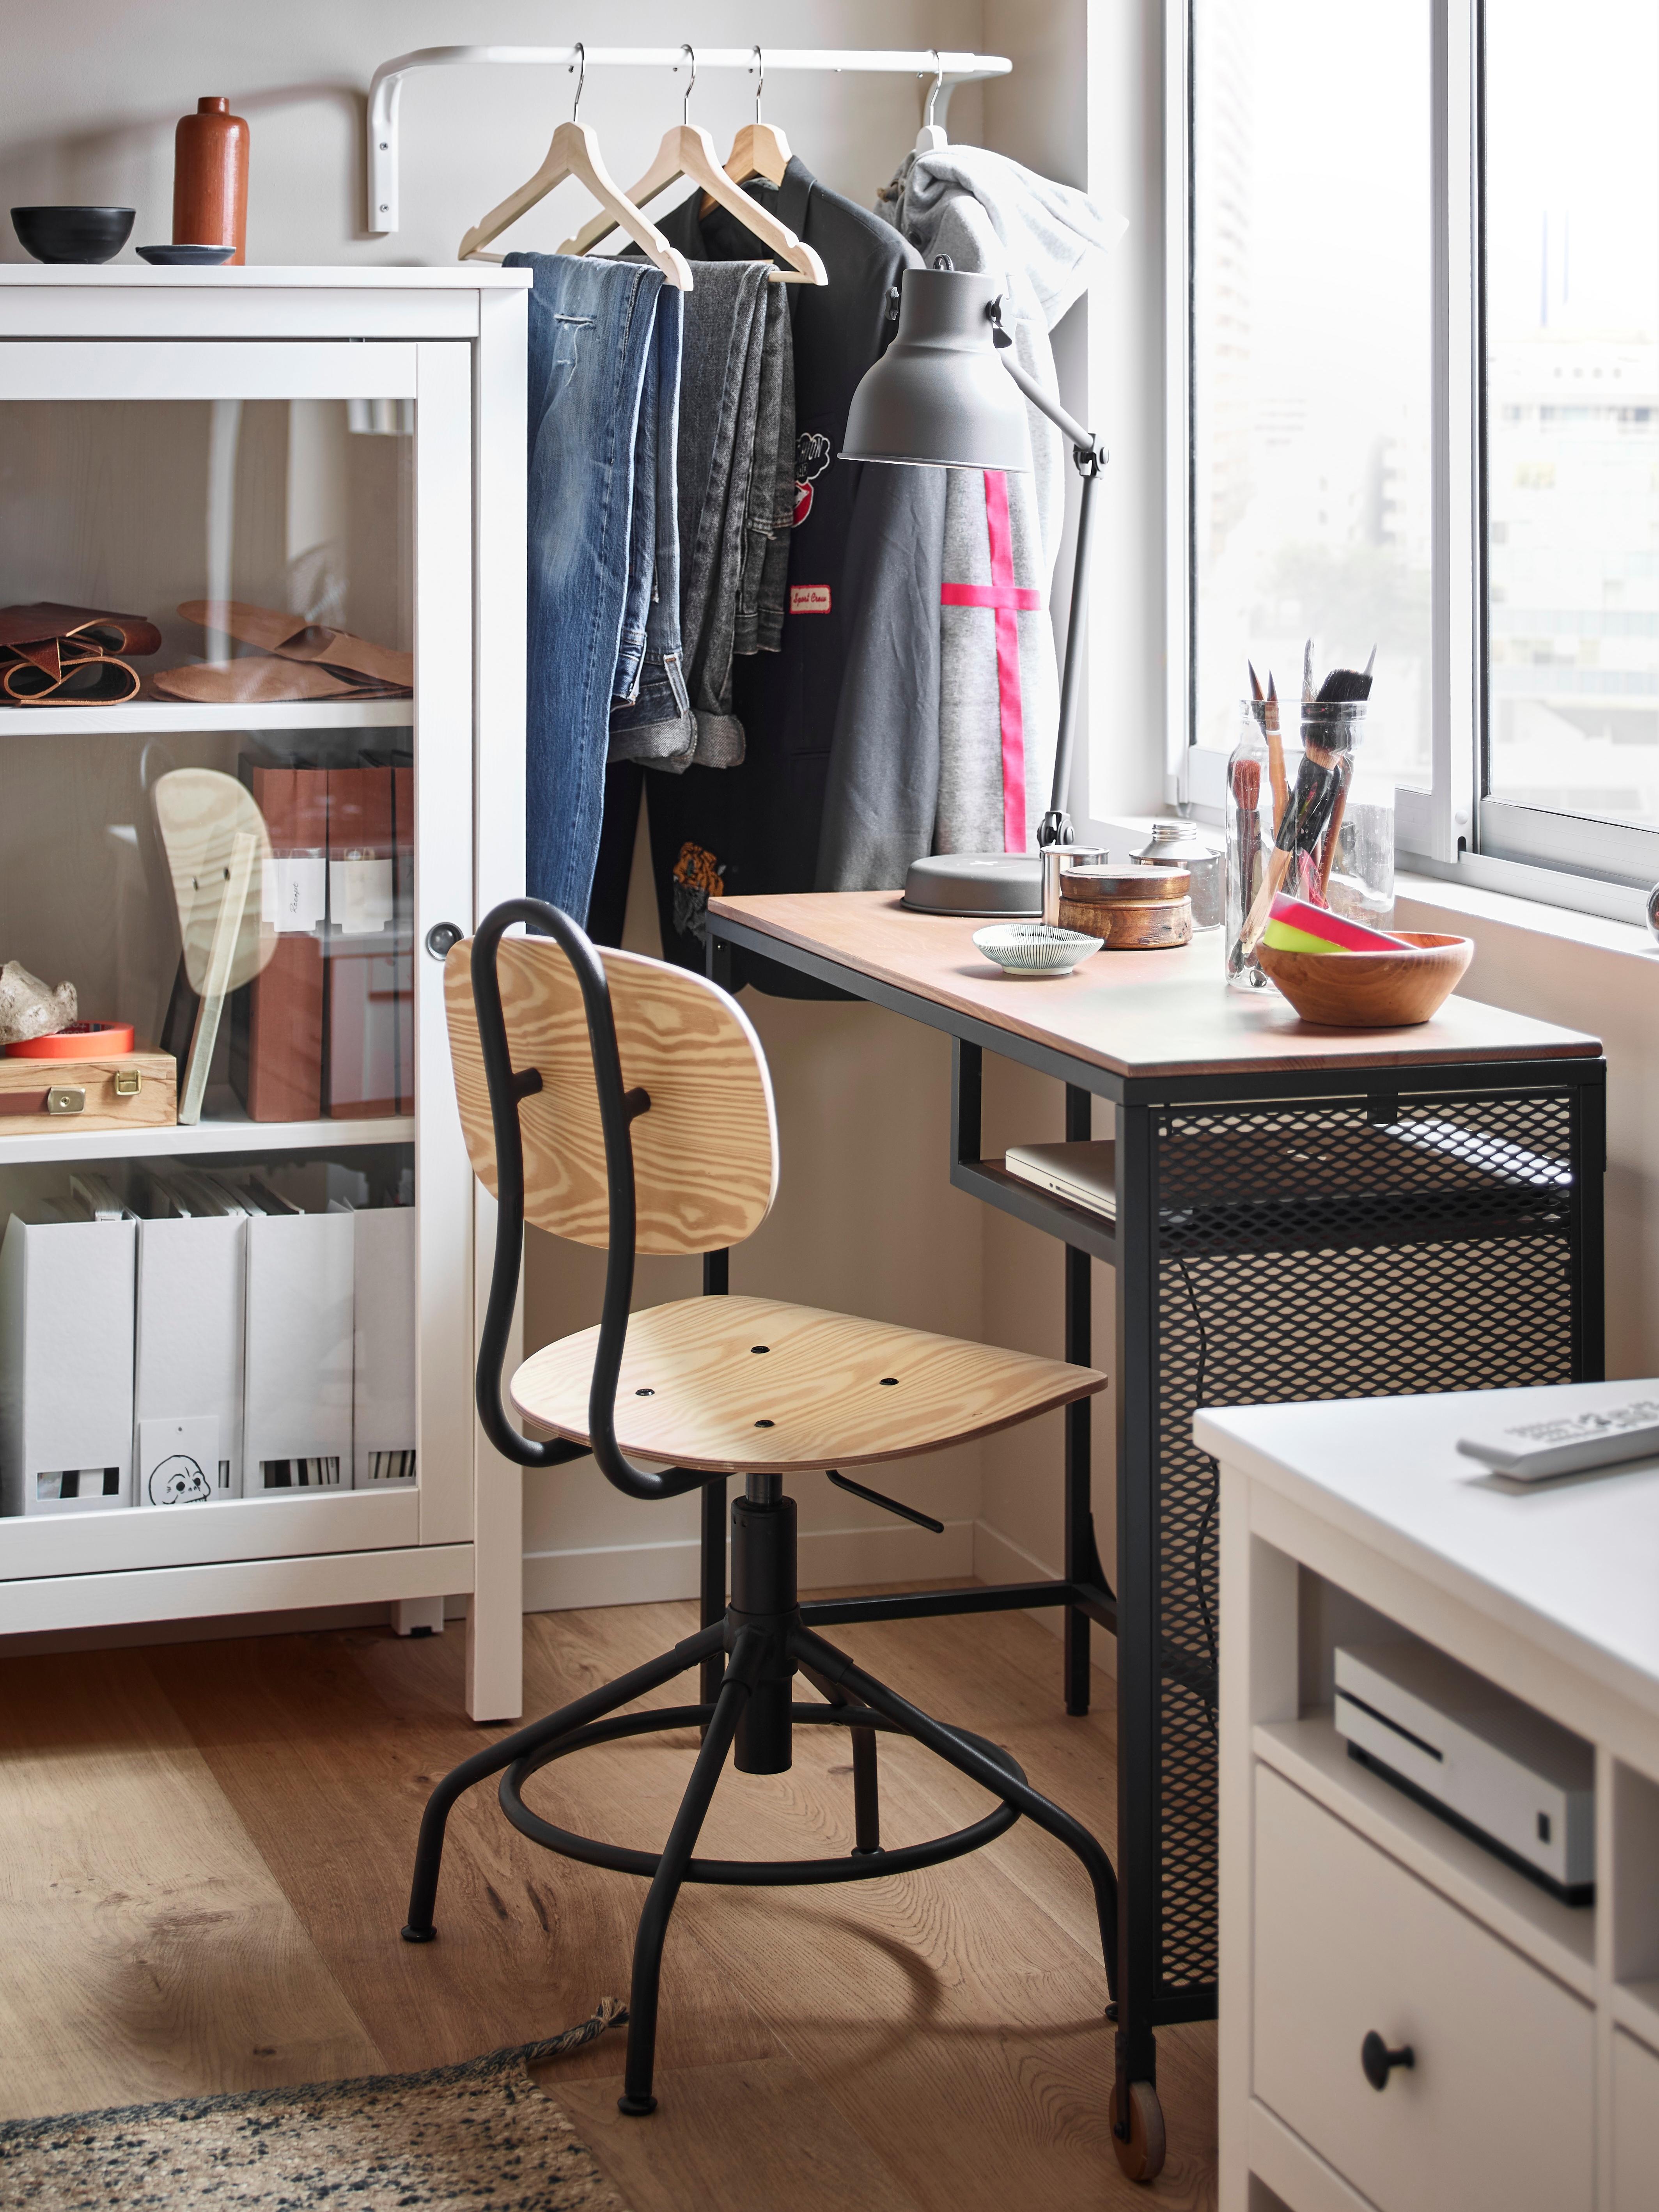 Schreibtisch mit einem KULLABERG Drehstuhl in Kiefer/Schwarz, der im Industriestil gehalten ist; Sitz und Rückenlehne sind aus Holz und das Gestell aus Metall. Der Tisch steht unter einem Fenster neben einer Glasvitrine mit Akten.